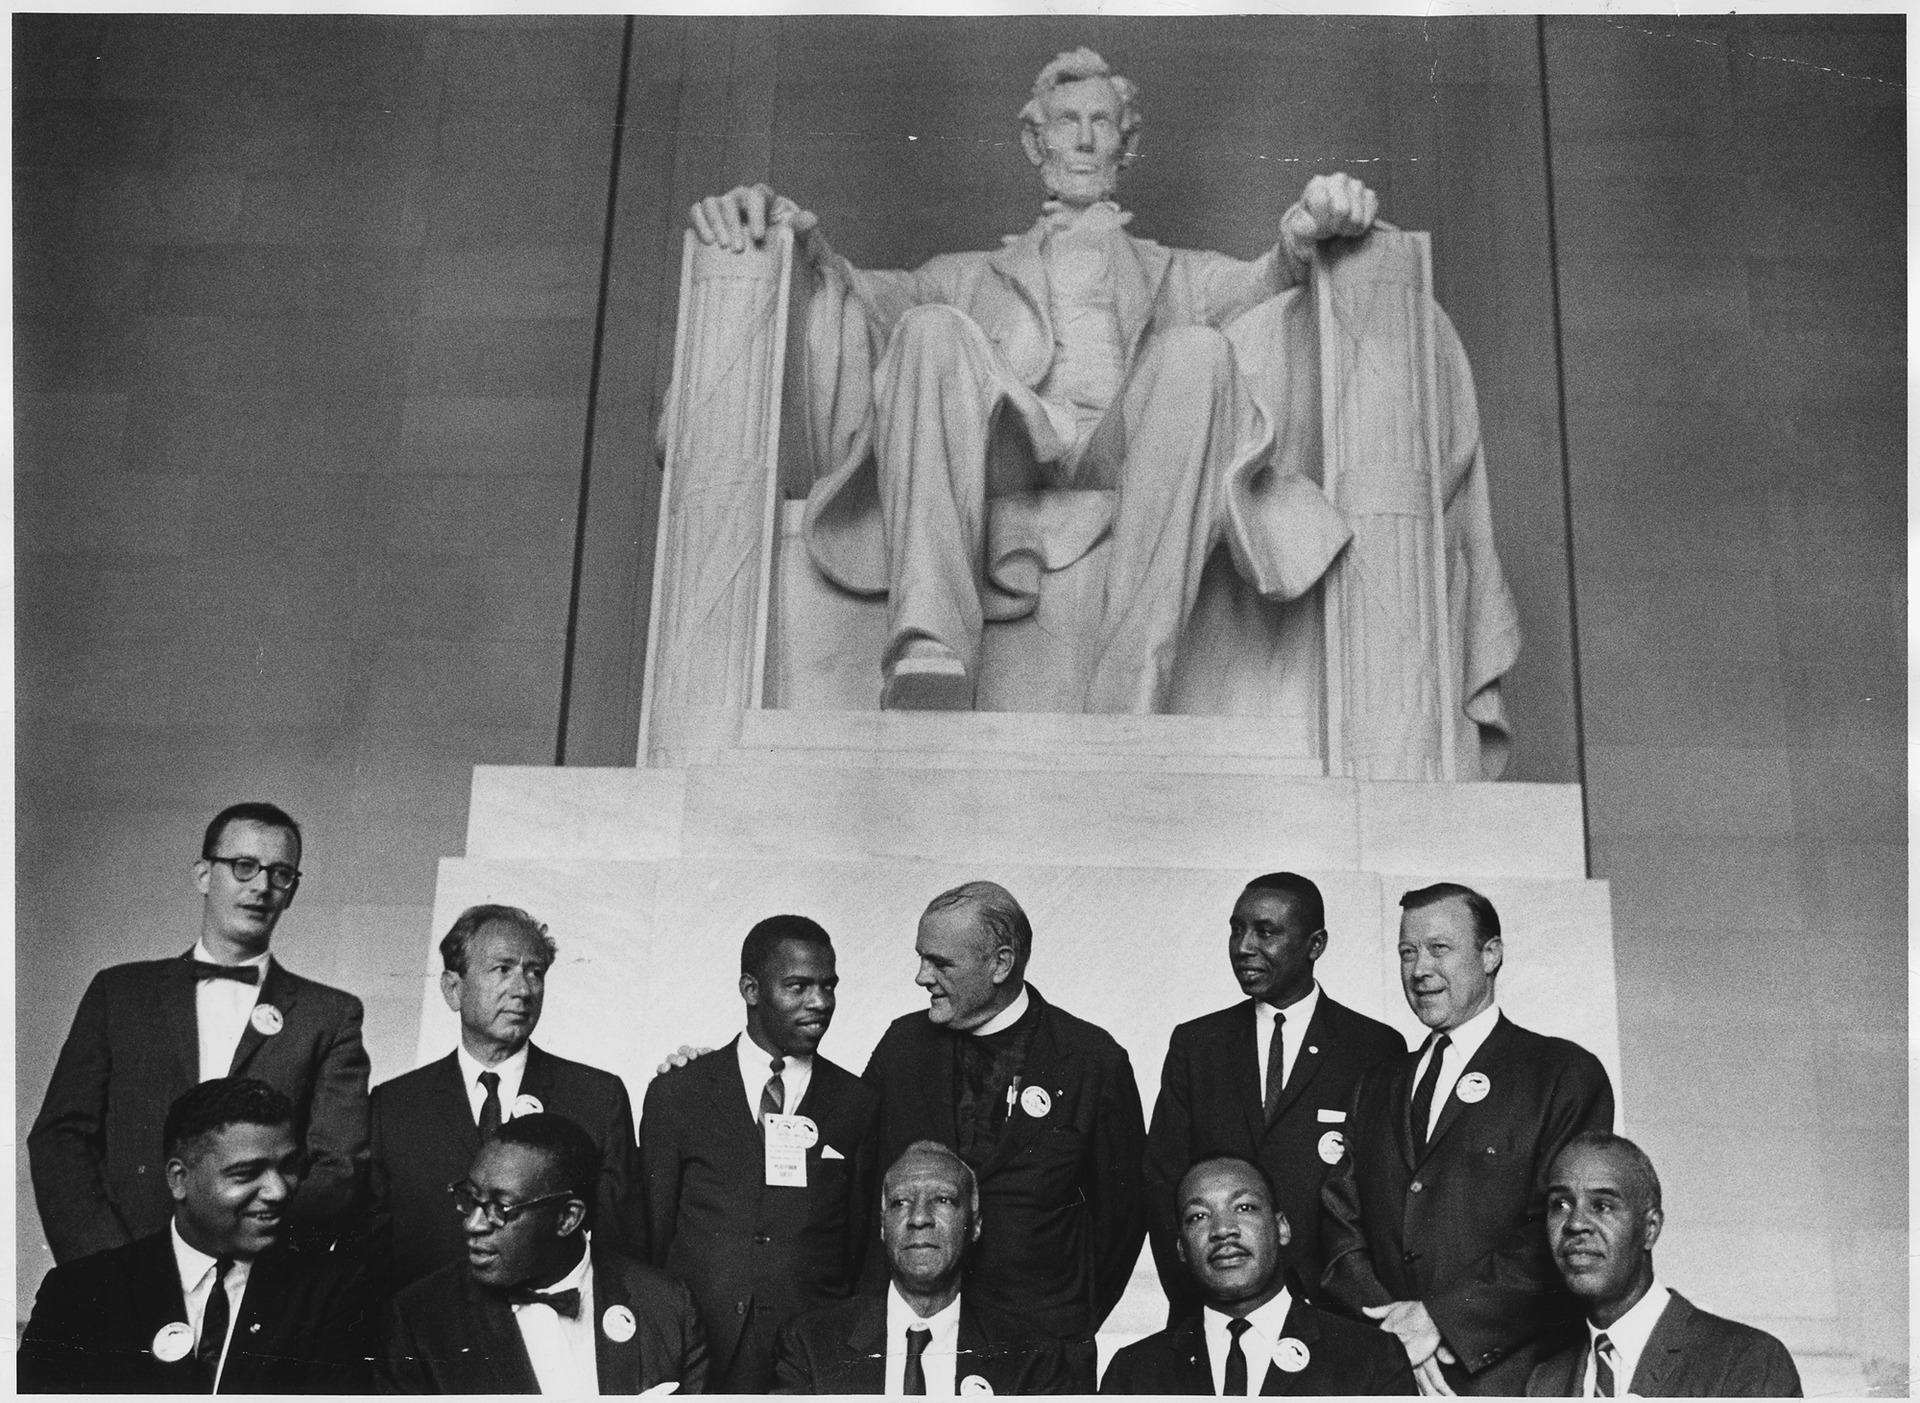 Civil rights movements - Wikipedia